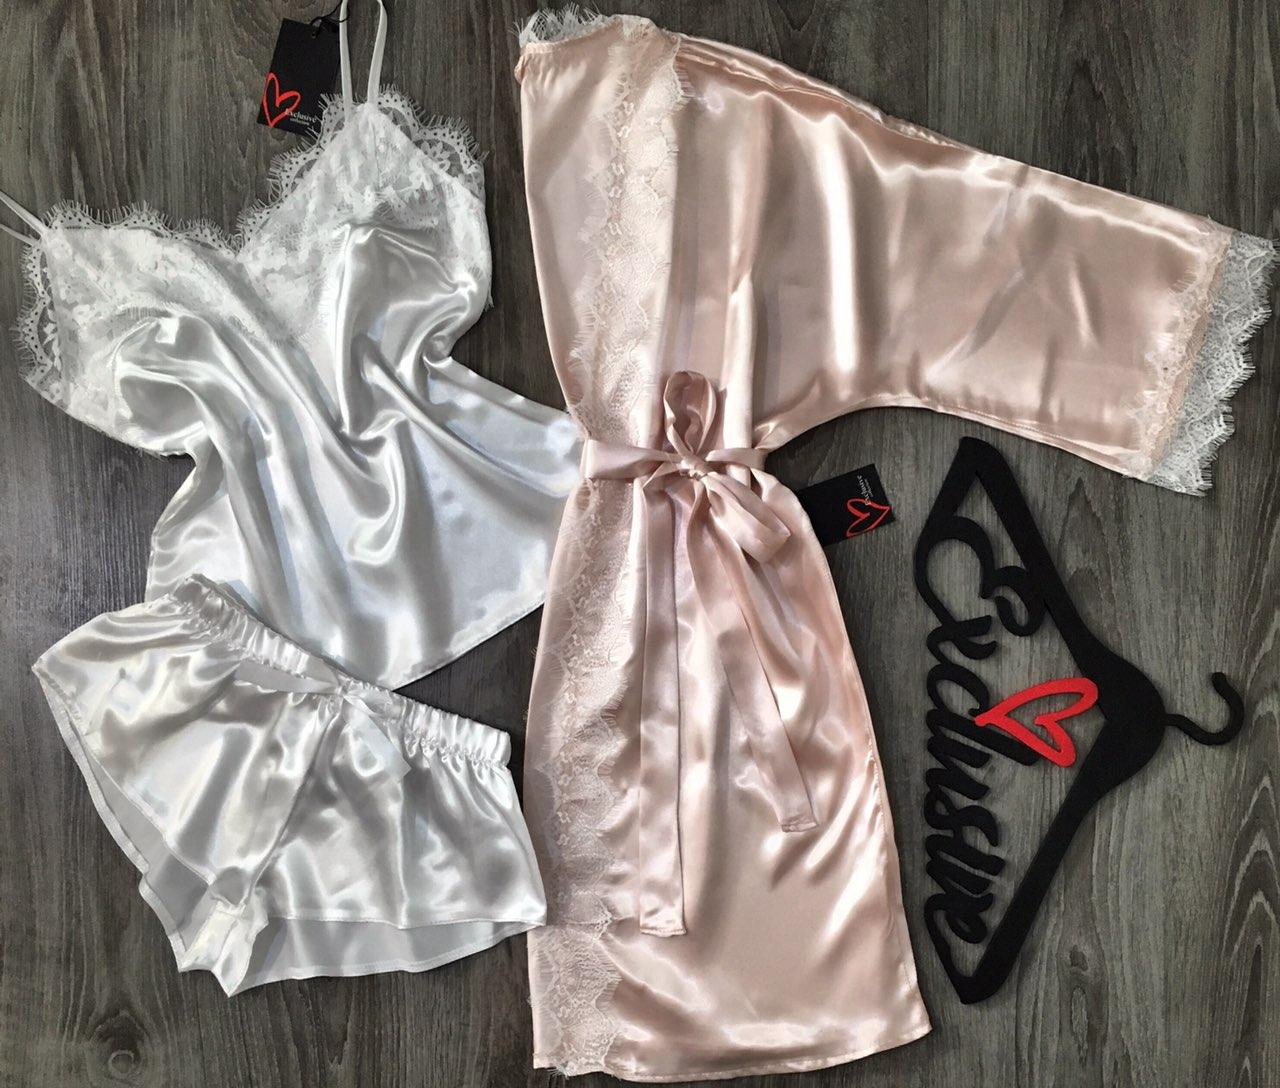 Нежный комплект с белым кружевом халат+пижама.